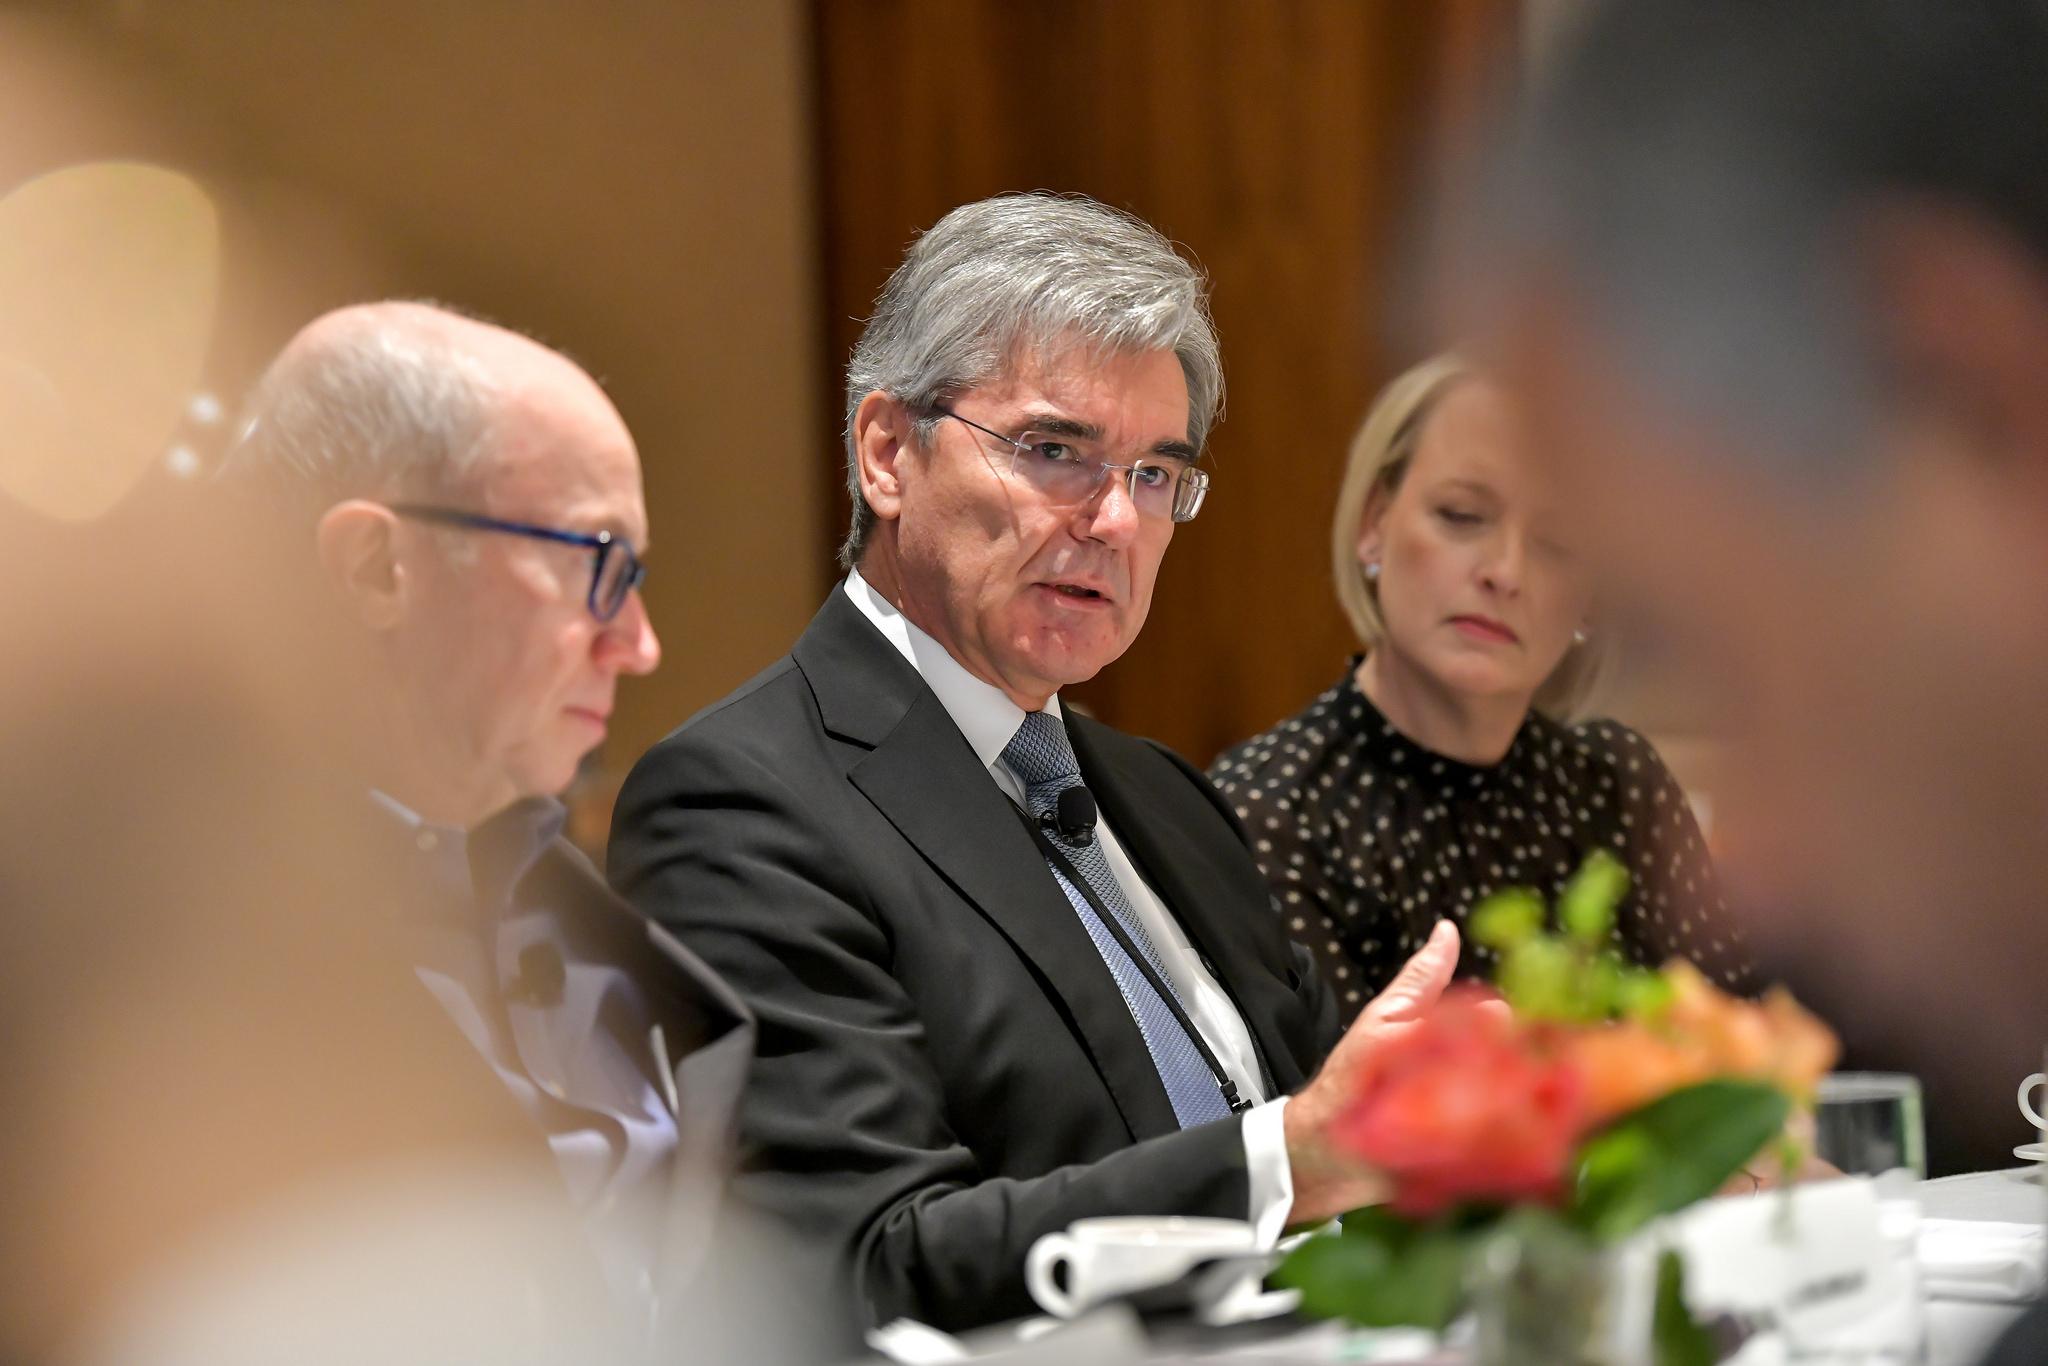 Fortune Global Forum Siemens CEO Joe Kaeser